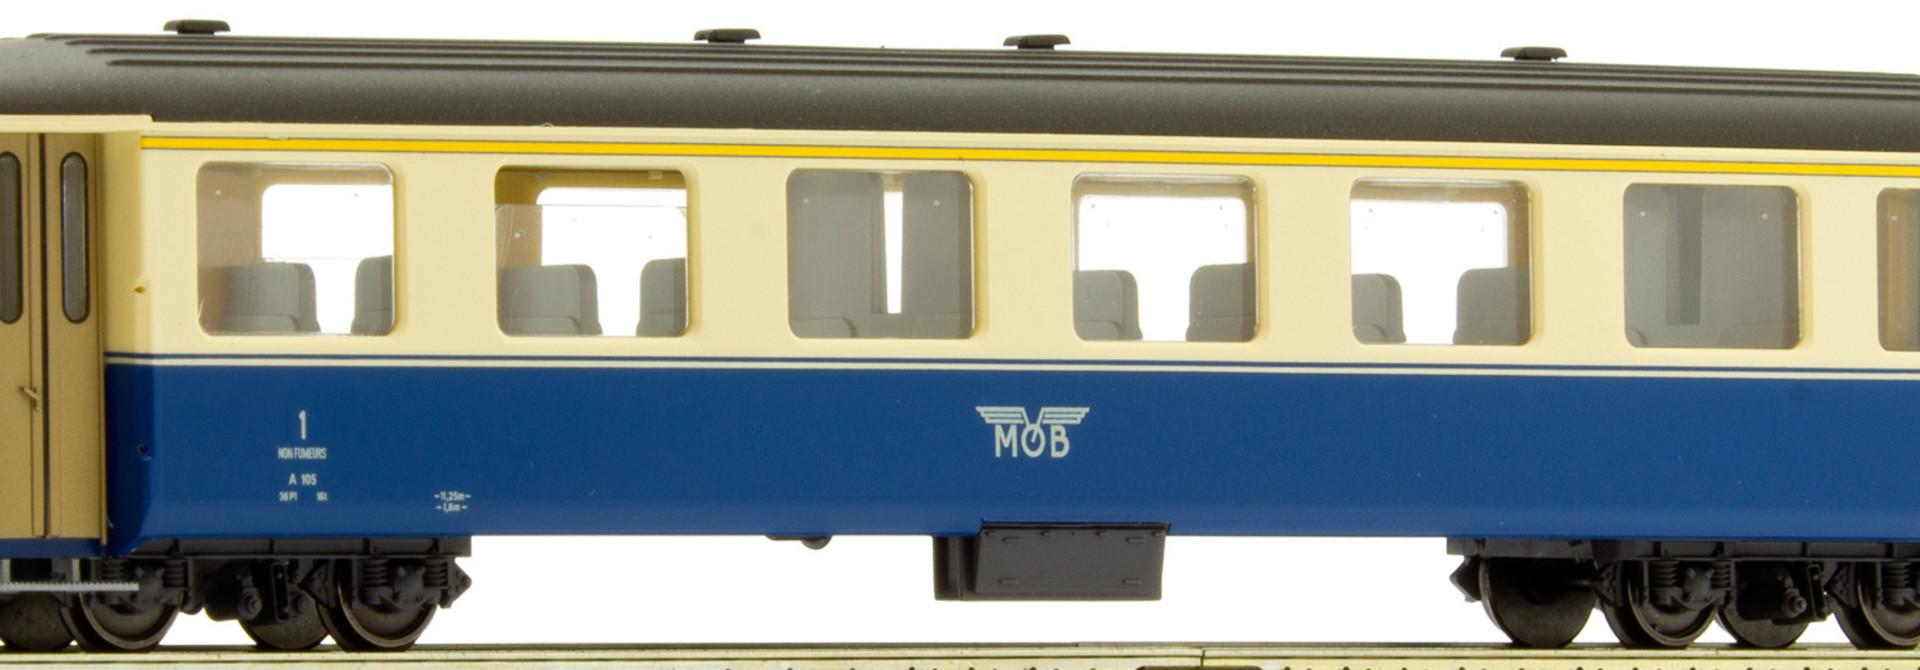 3292305 MOB A 105 Personenwagen, 70er Jahre